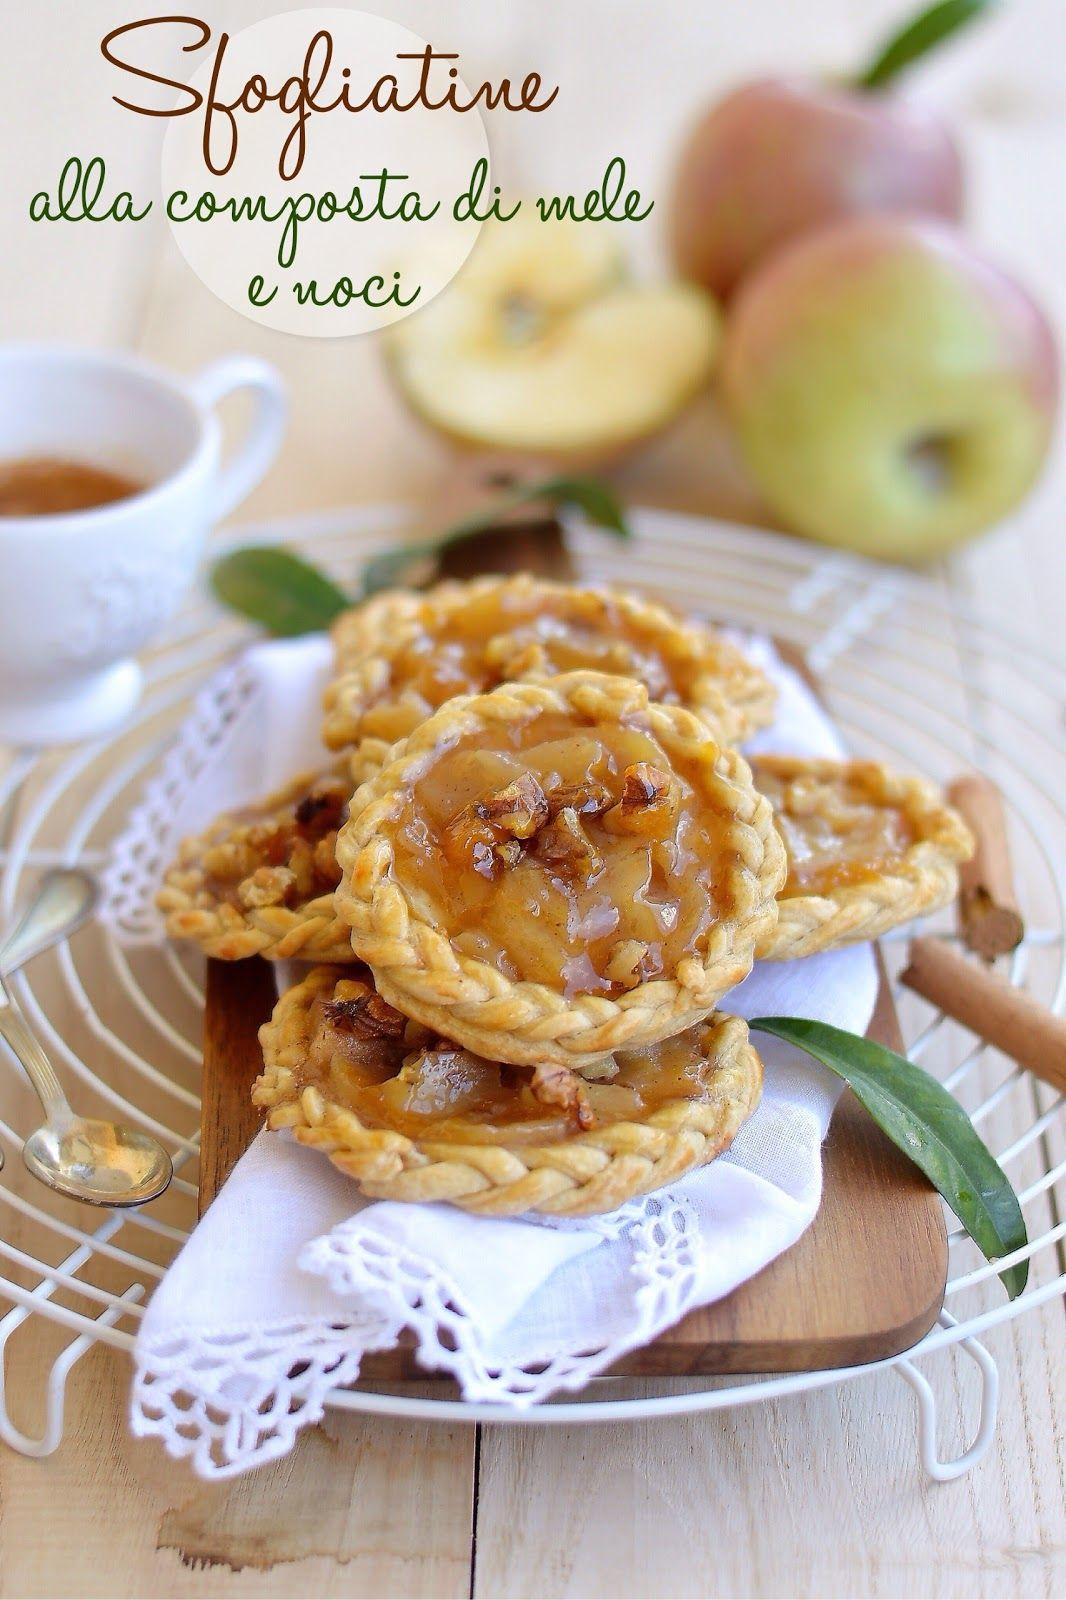 Fragrante pasta sfoglia, composta di mele cremosa e profumata alla cannella e granella di noci croccanti: ingredienti semplici e genuini ...